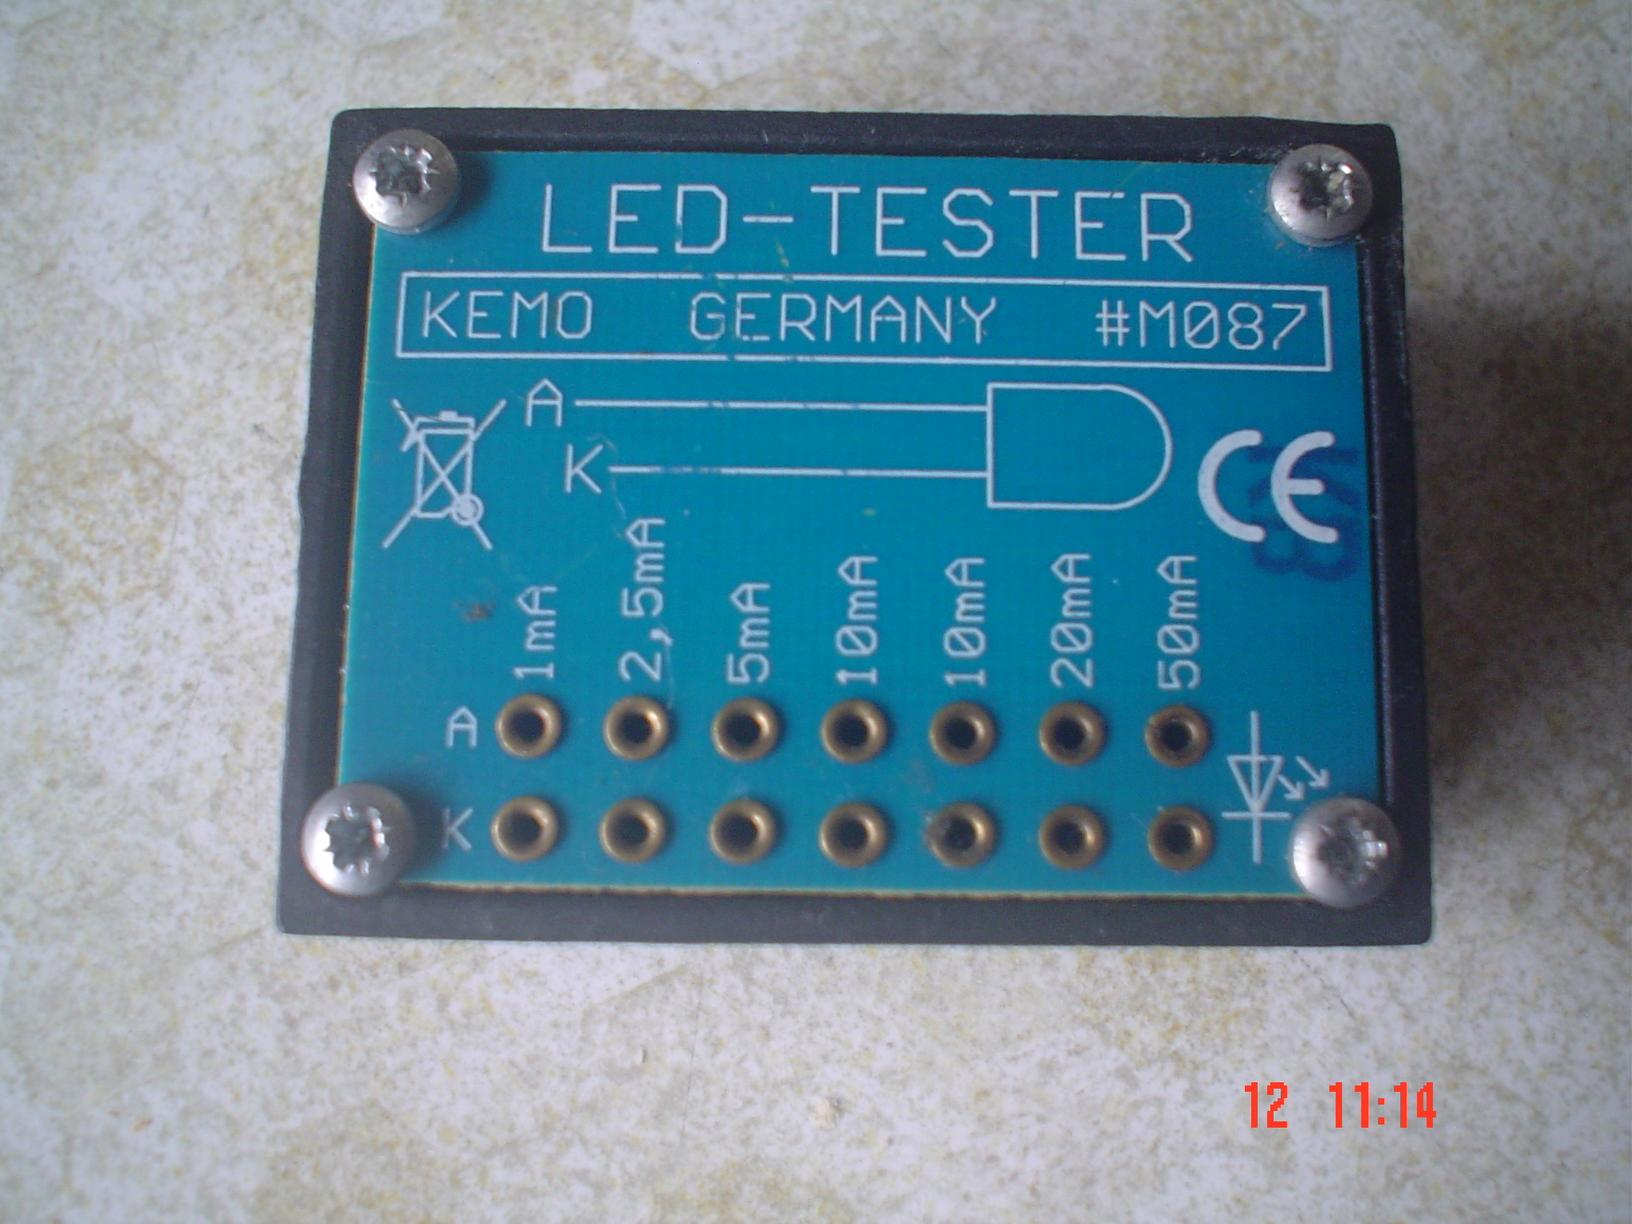 LED tester